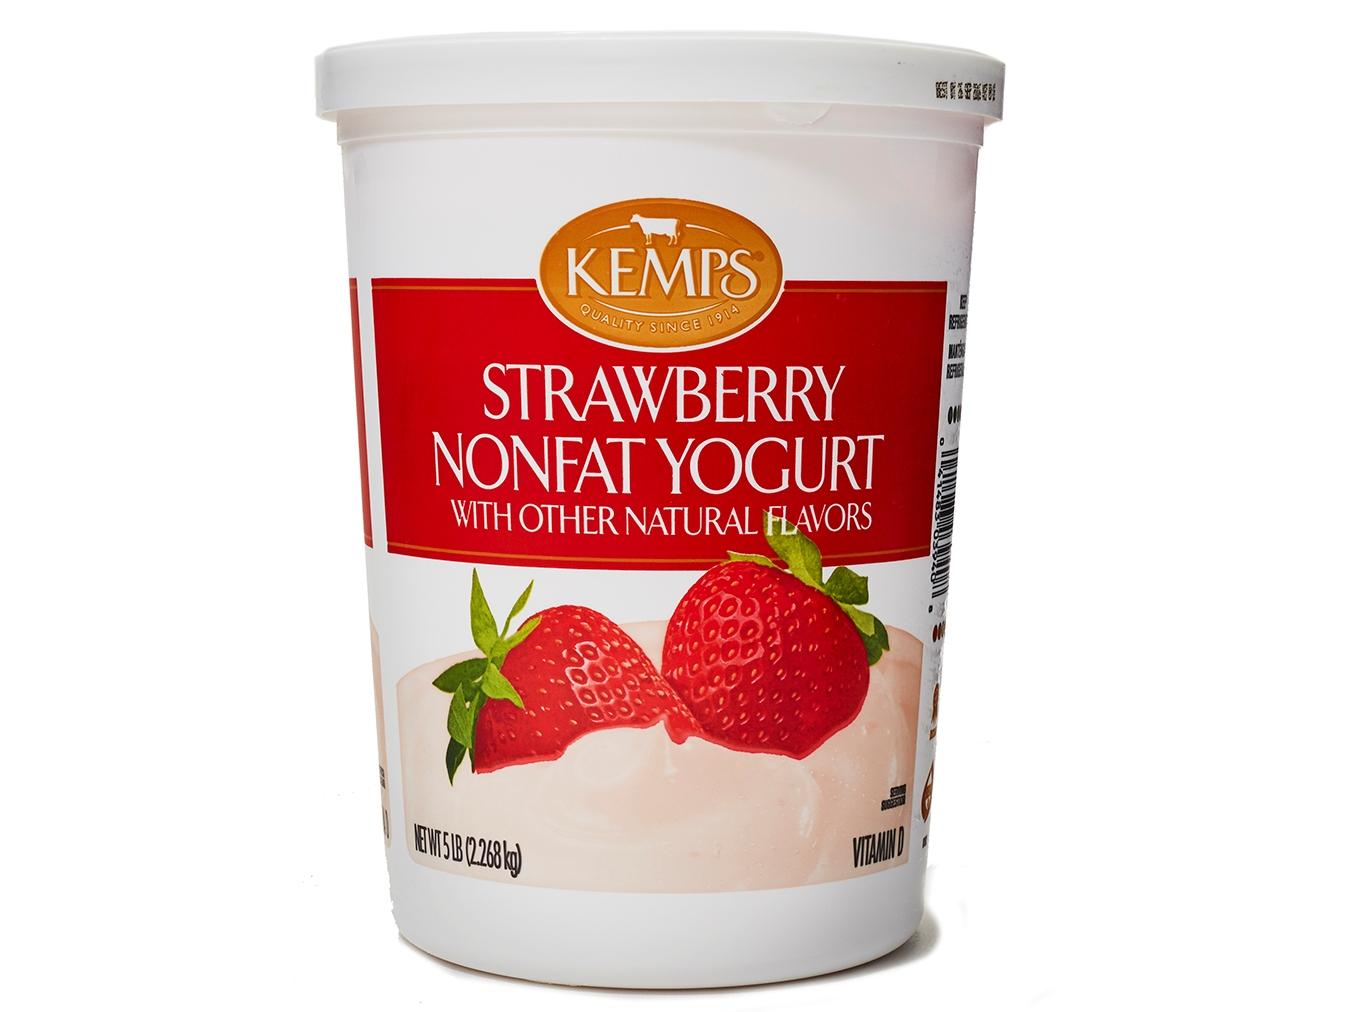 Kemps Strawberry Nonfat Yogurt